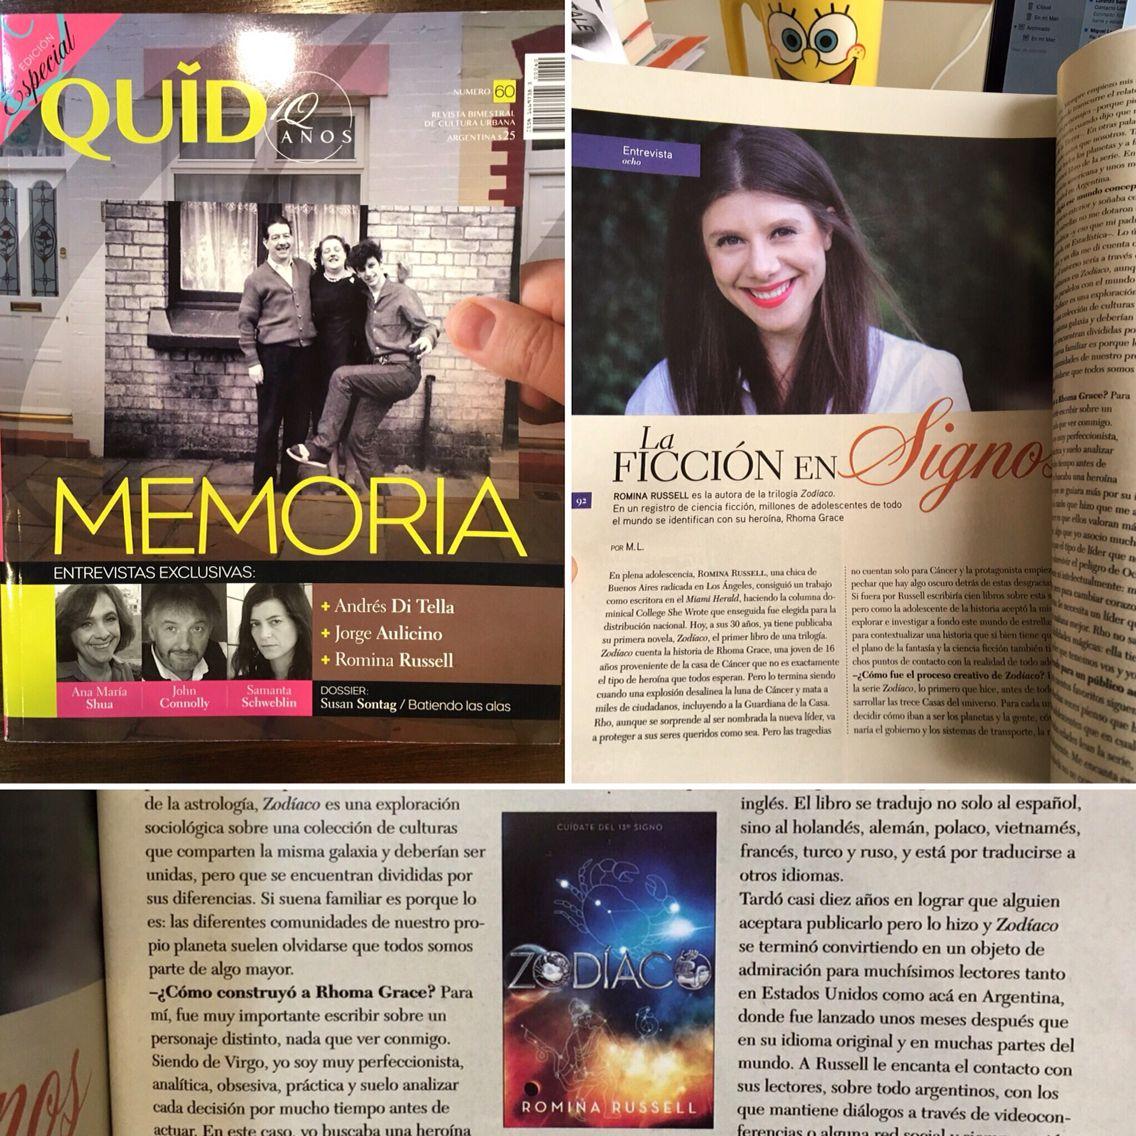 ¡¡¡Q honor estar en la revista Quid de las librerías #Yenny!!! @delnuevoextremo #ZodiacBooks #Zodíaco #RominaRussell #Argentina ❤️❤️❤️